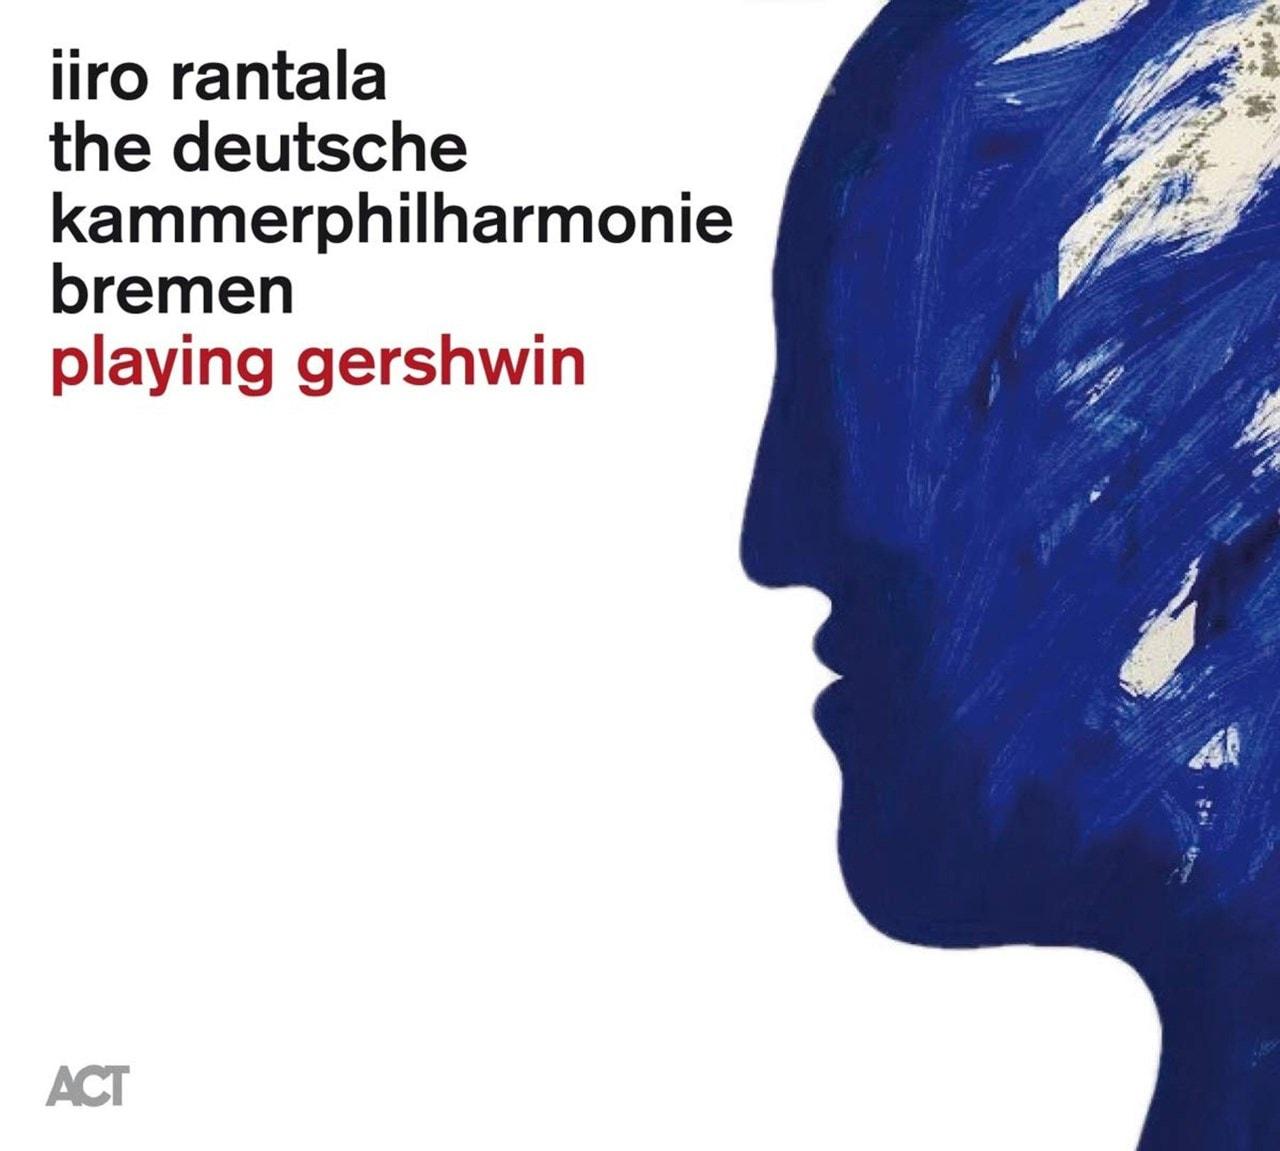 Playing Gershwin - 1